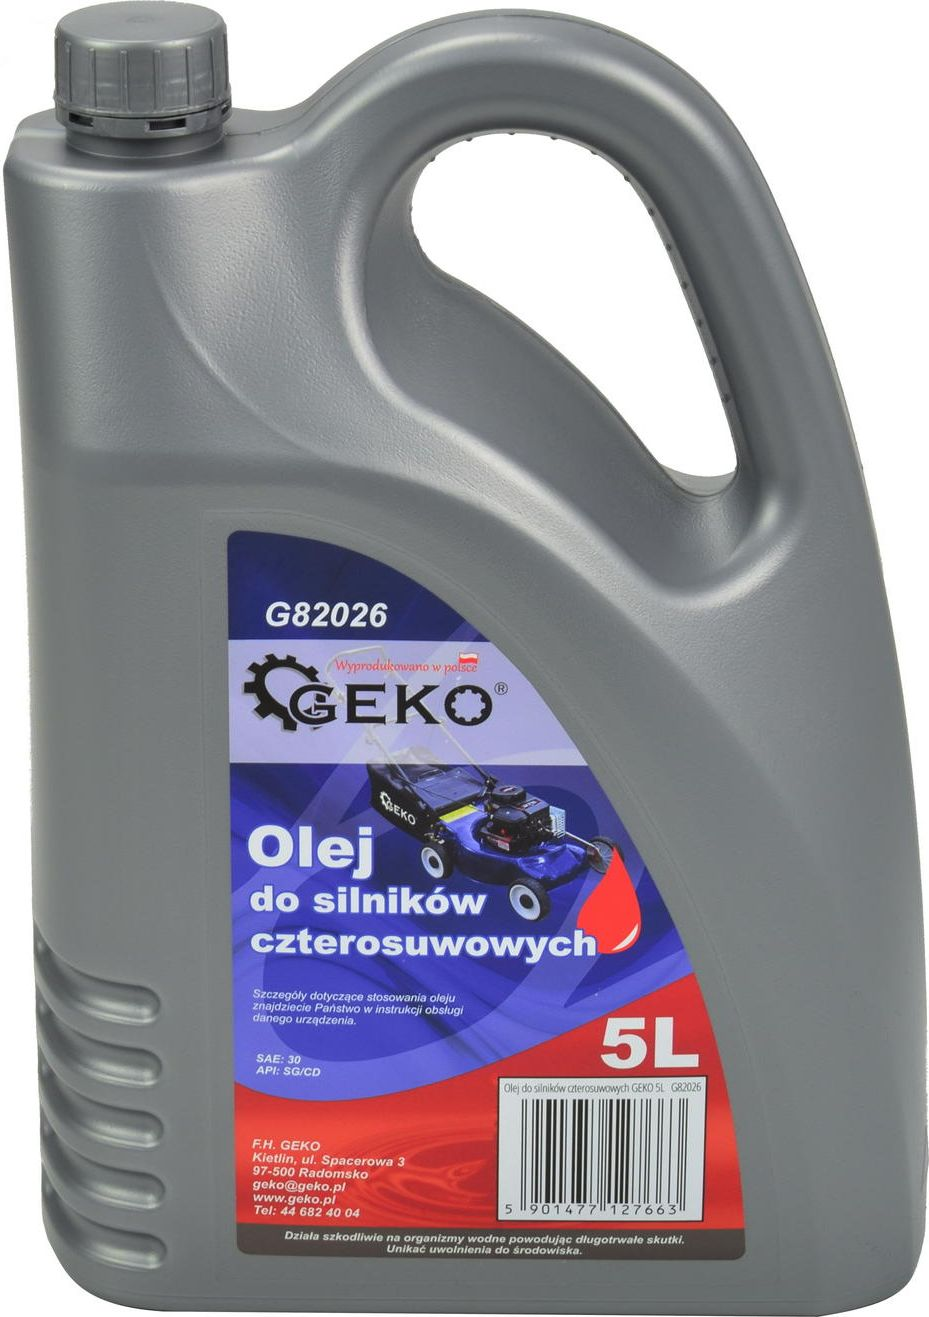 Olej silnikowy GEKO Olej do silnikow czterosuwowych GEKO 5L (3) 4829417 motoreļļa